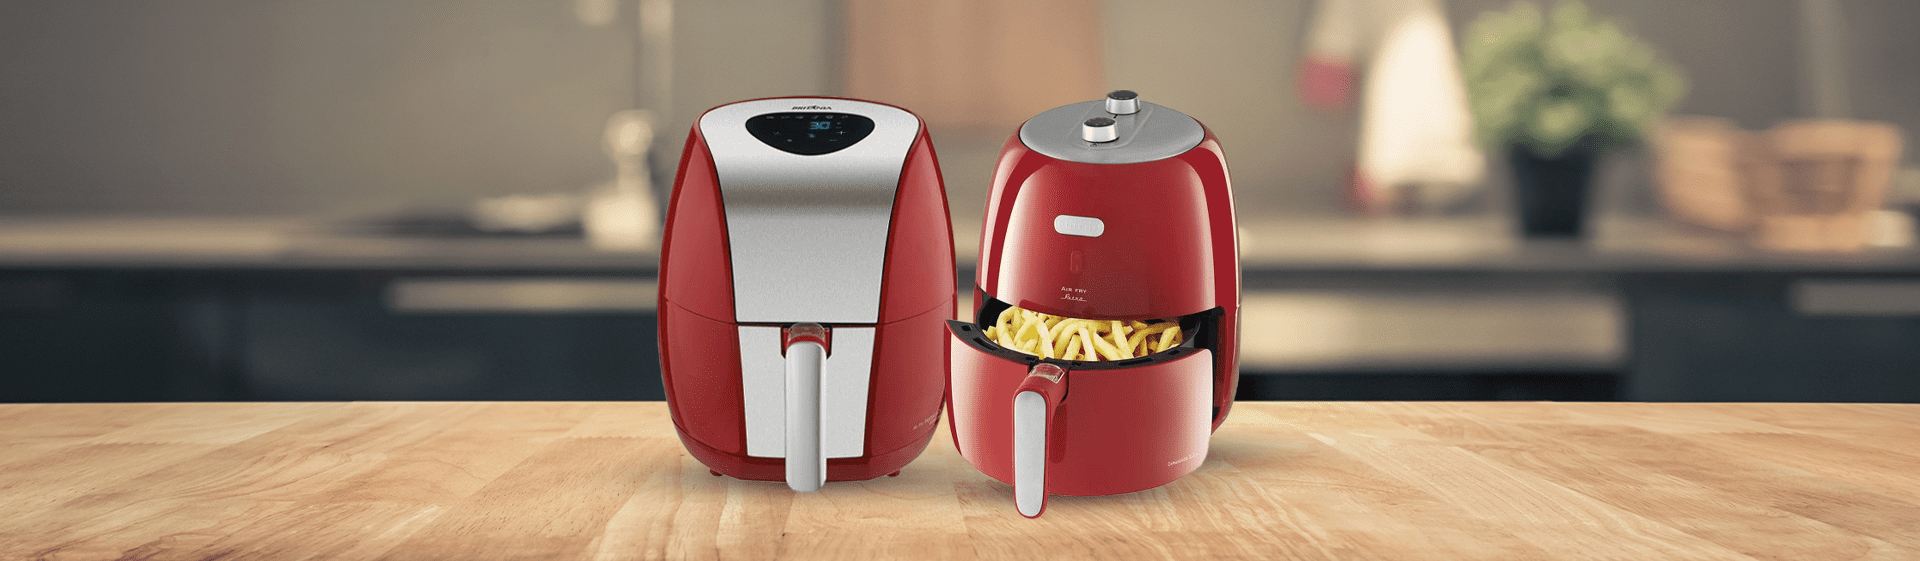 Airfryer vermelha: 5 opções para deixar a sua cozinha mais colorida